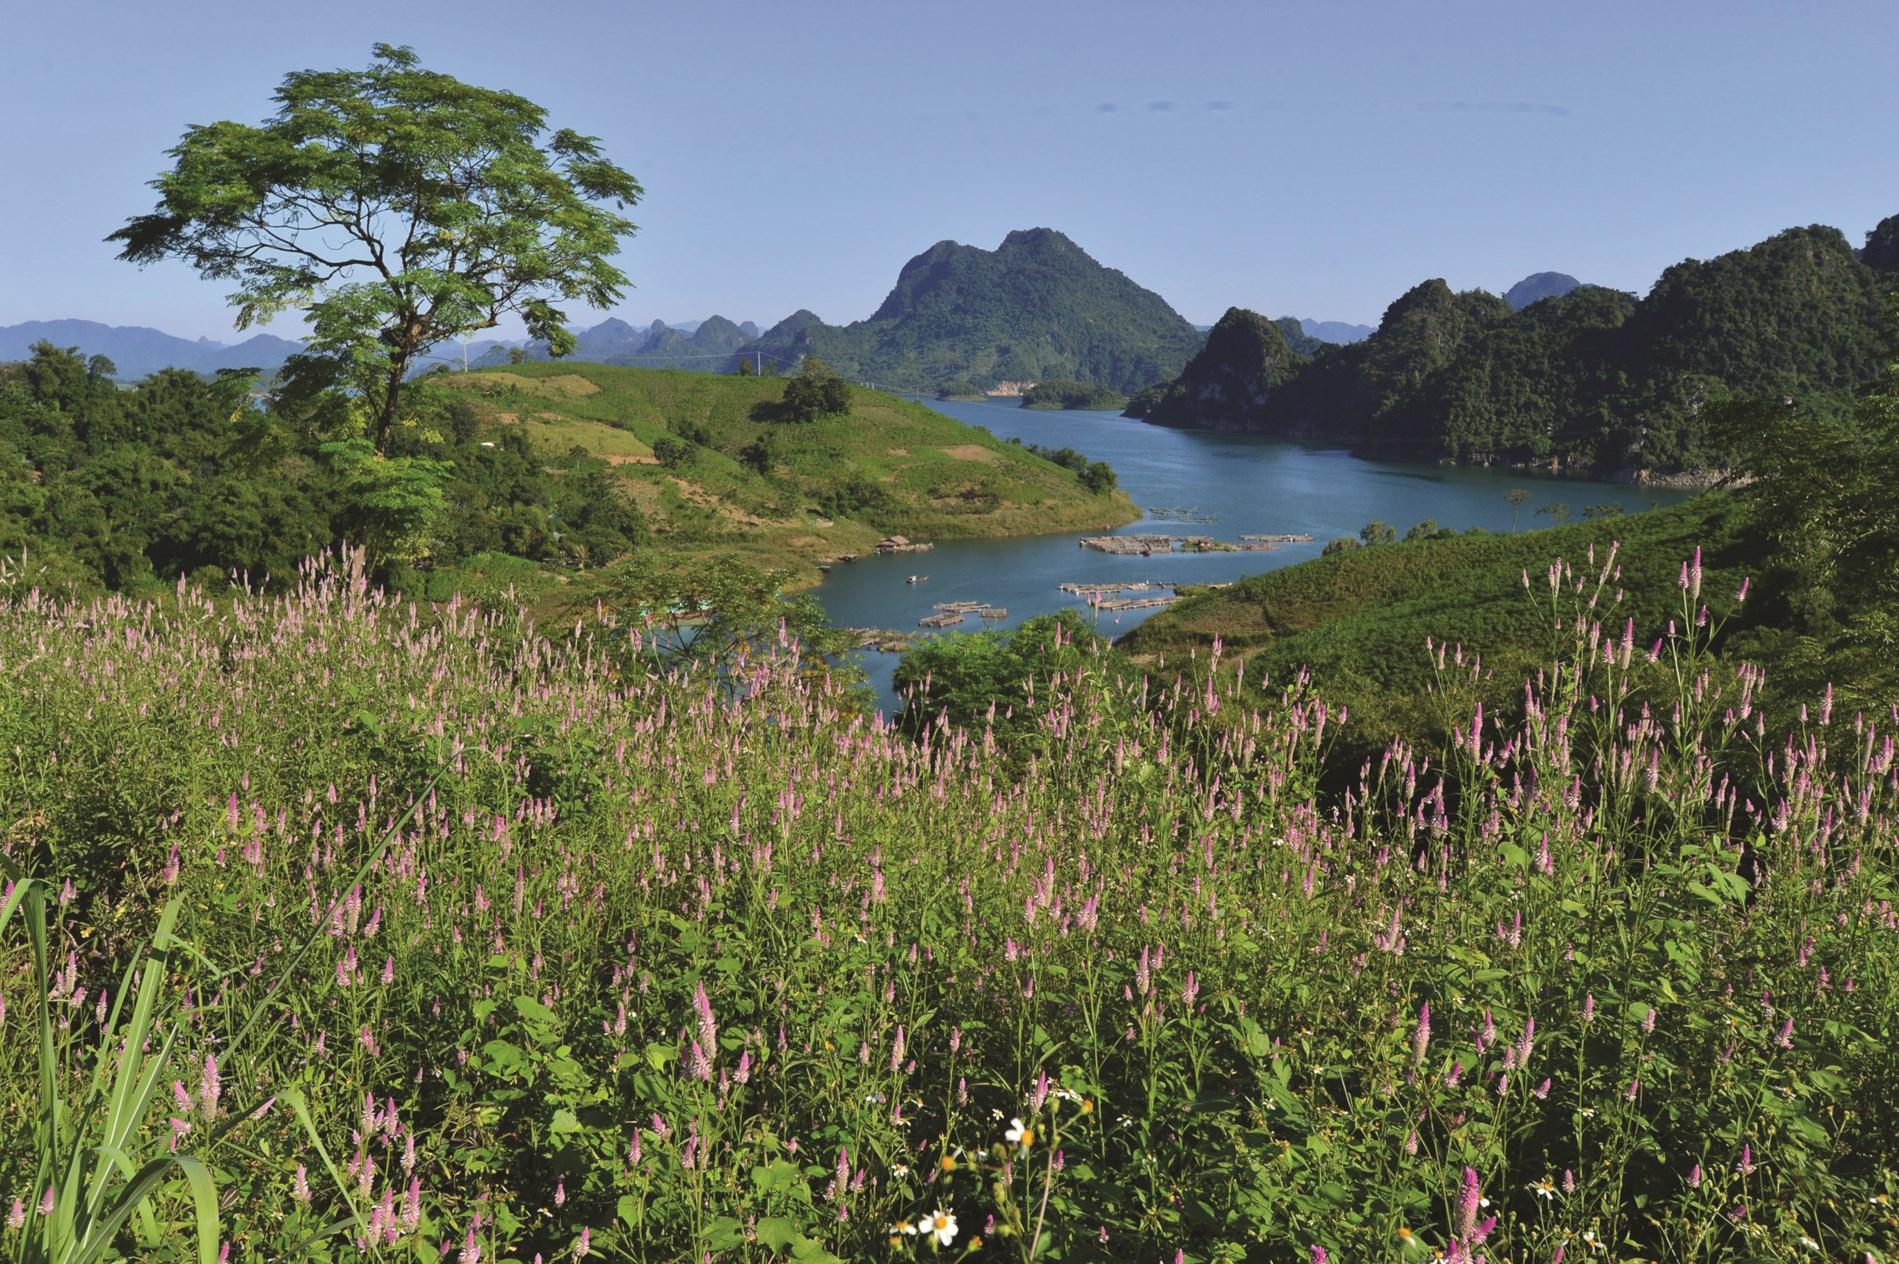 Cảnh sắc thiên nhiên hữu tình ở Đà Bắc.